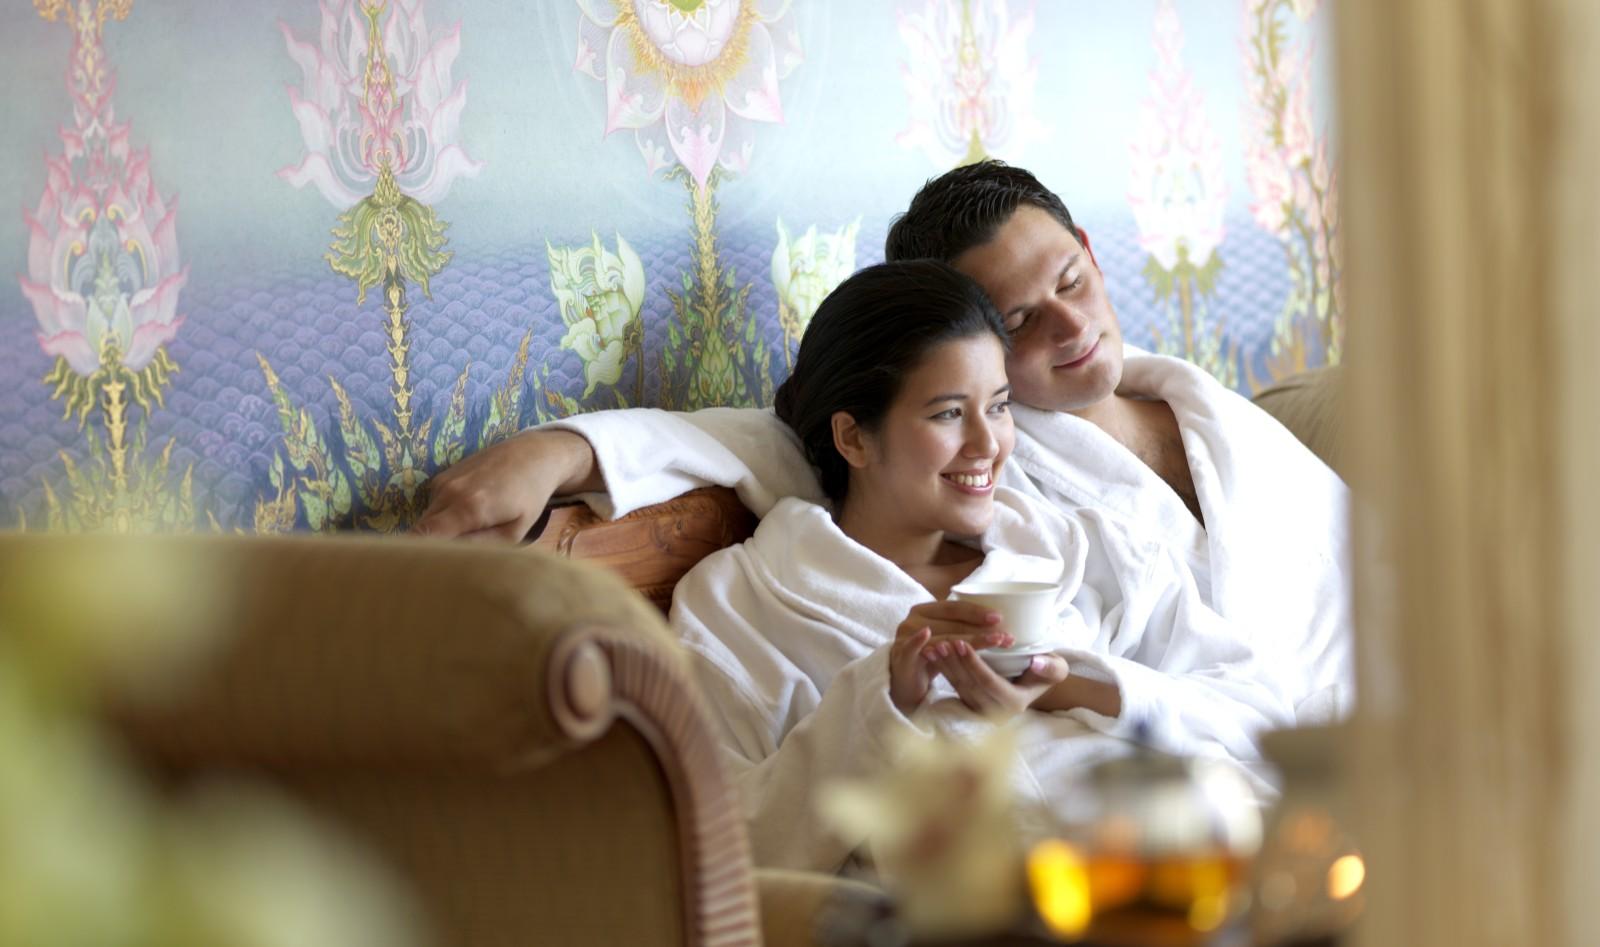 Honeymoon deals 2018 all inclusive